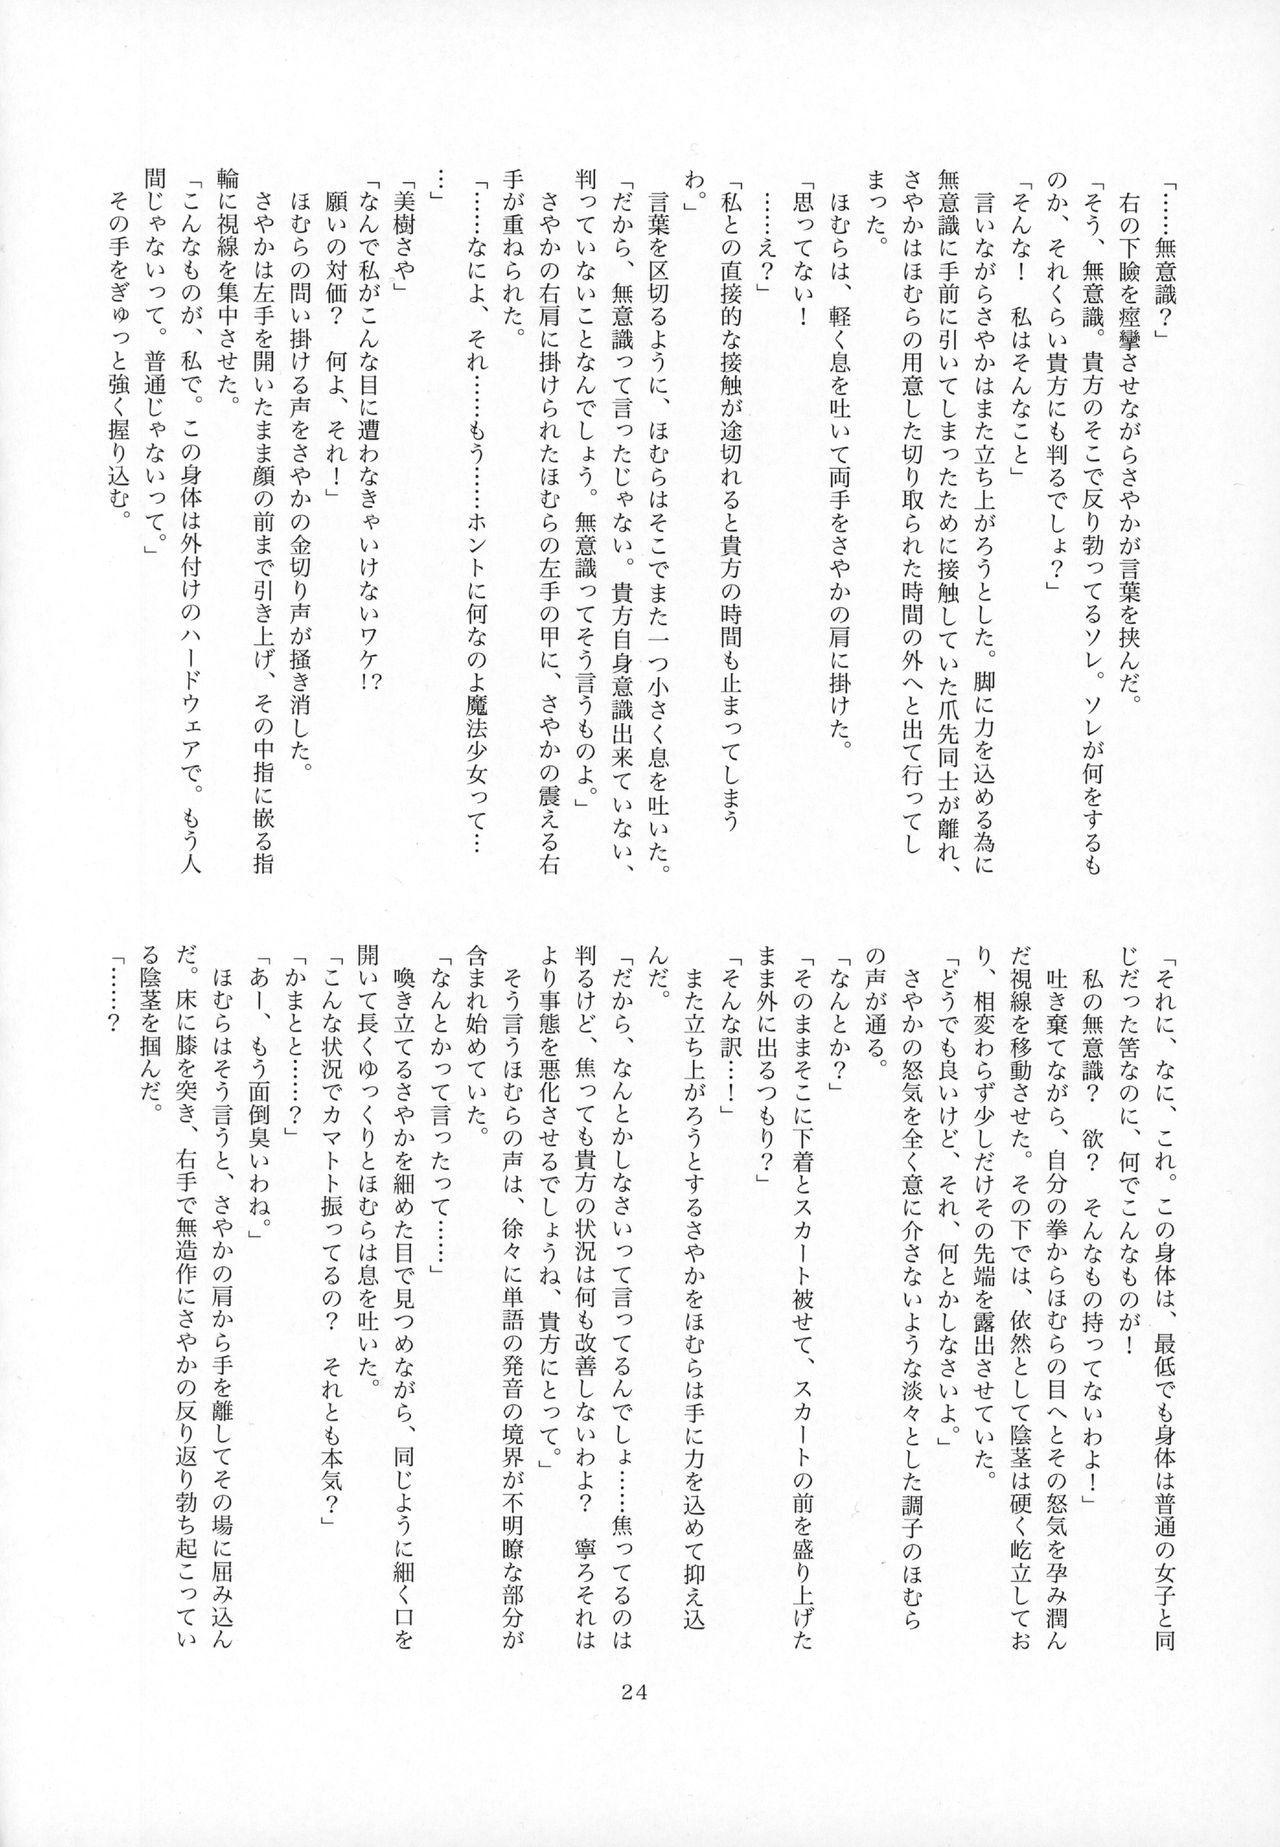 Futanari Chinko ni Onayami no Aru Mahou Shoujo Goudoushi Sono Emono, Mondai Ari desu 22